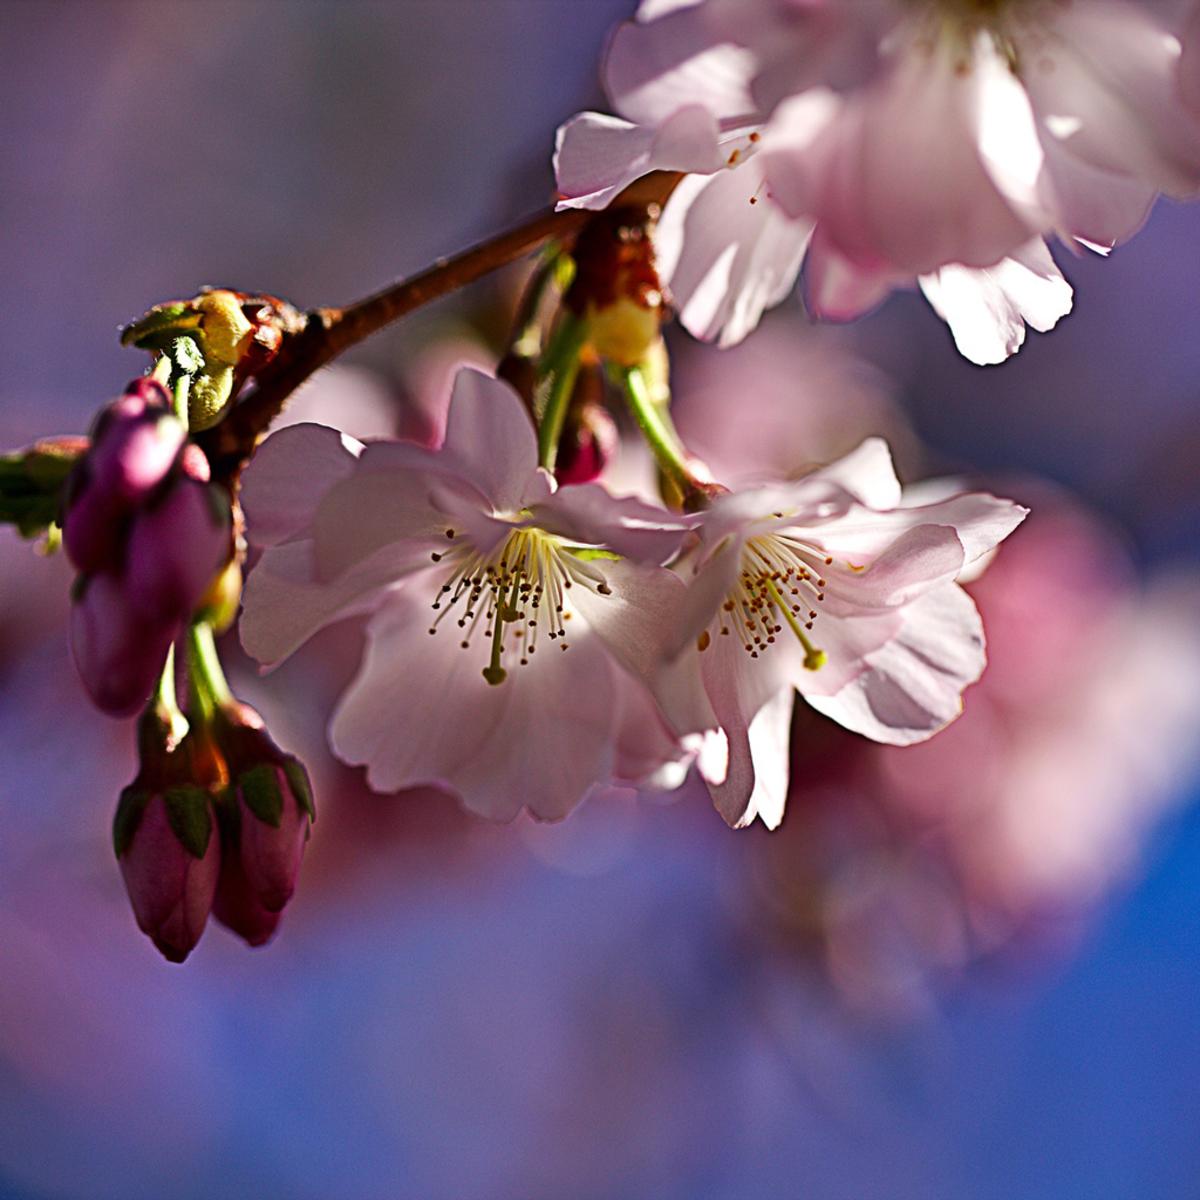 悪い 見る 会 何 が 桜 を